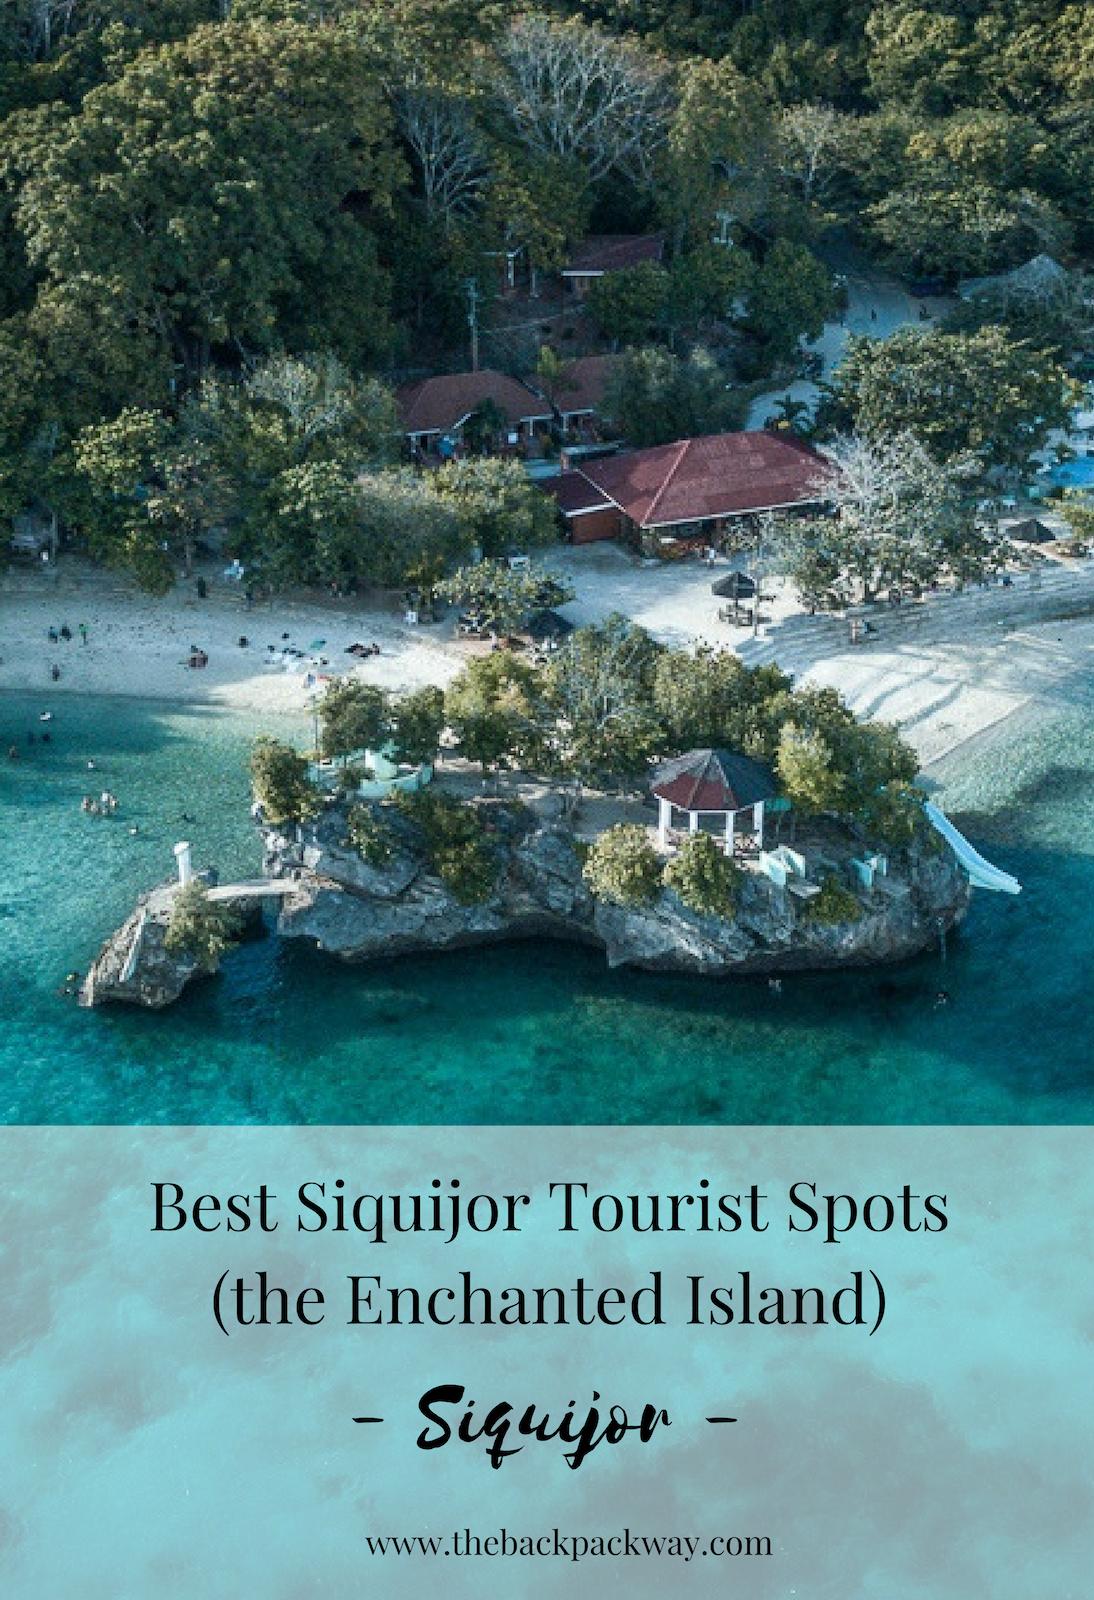 best siquijor tourist spots